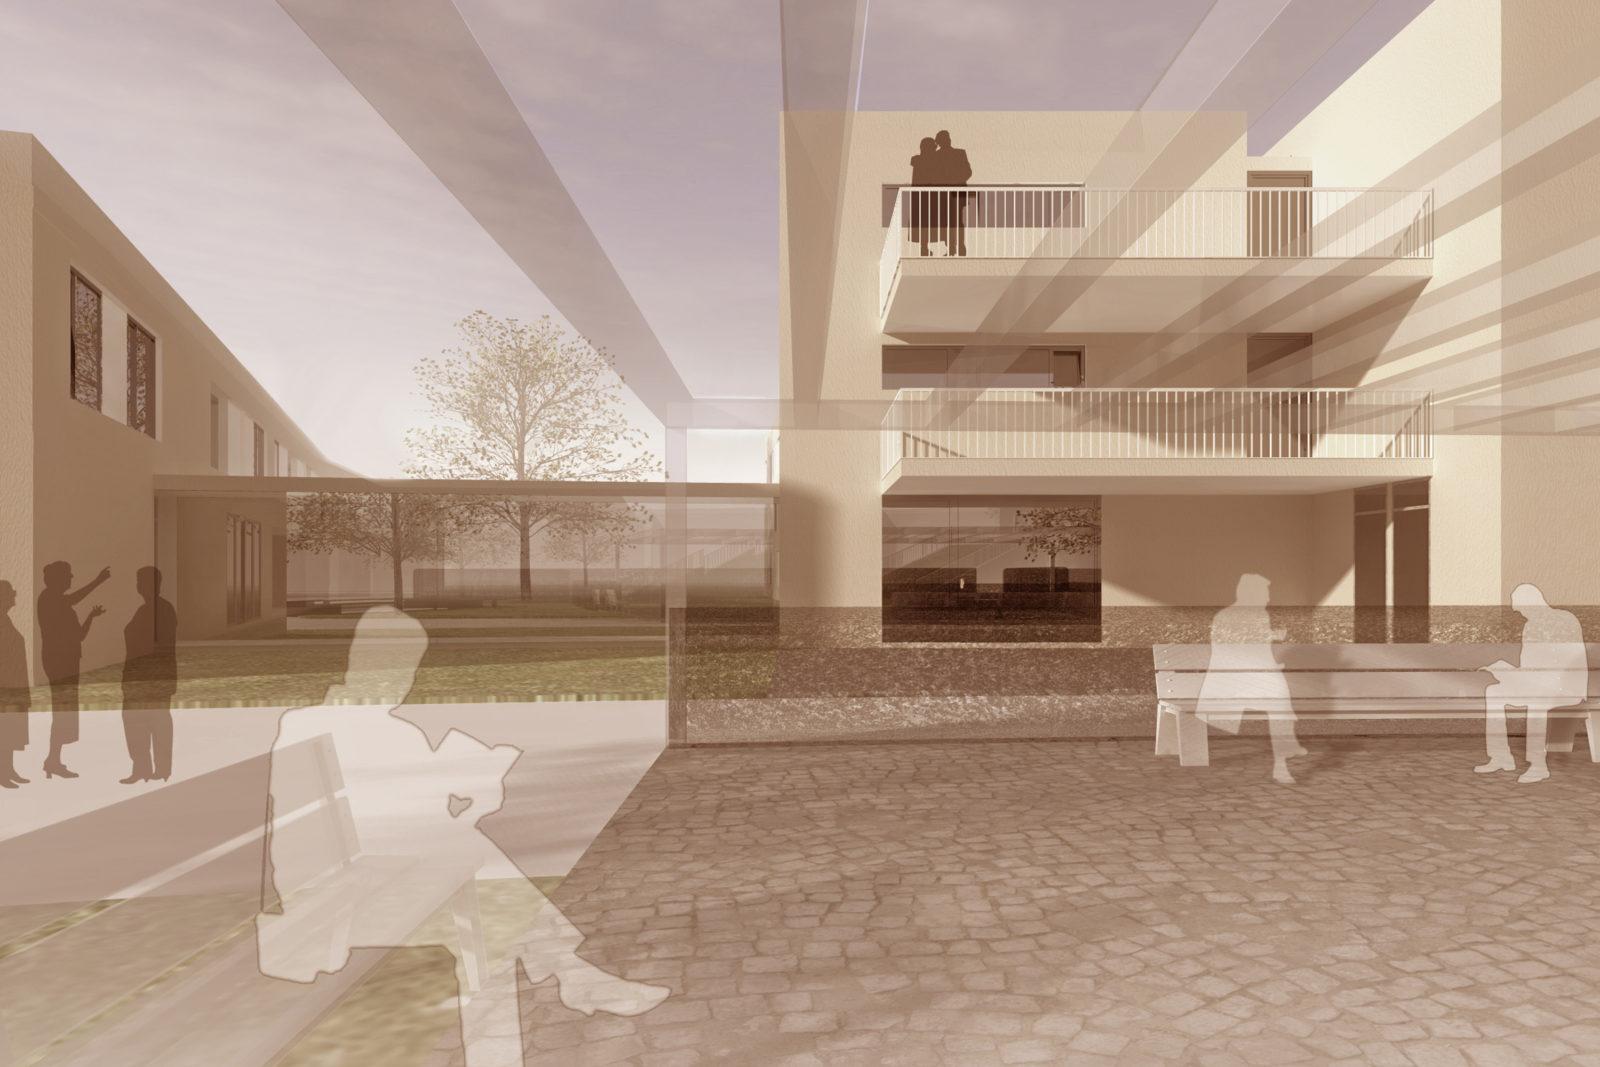 Wettbewerb Kita und Betreutes Wohnen in Probstheida - Blick in den Hinterhof